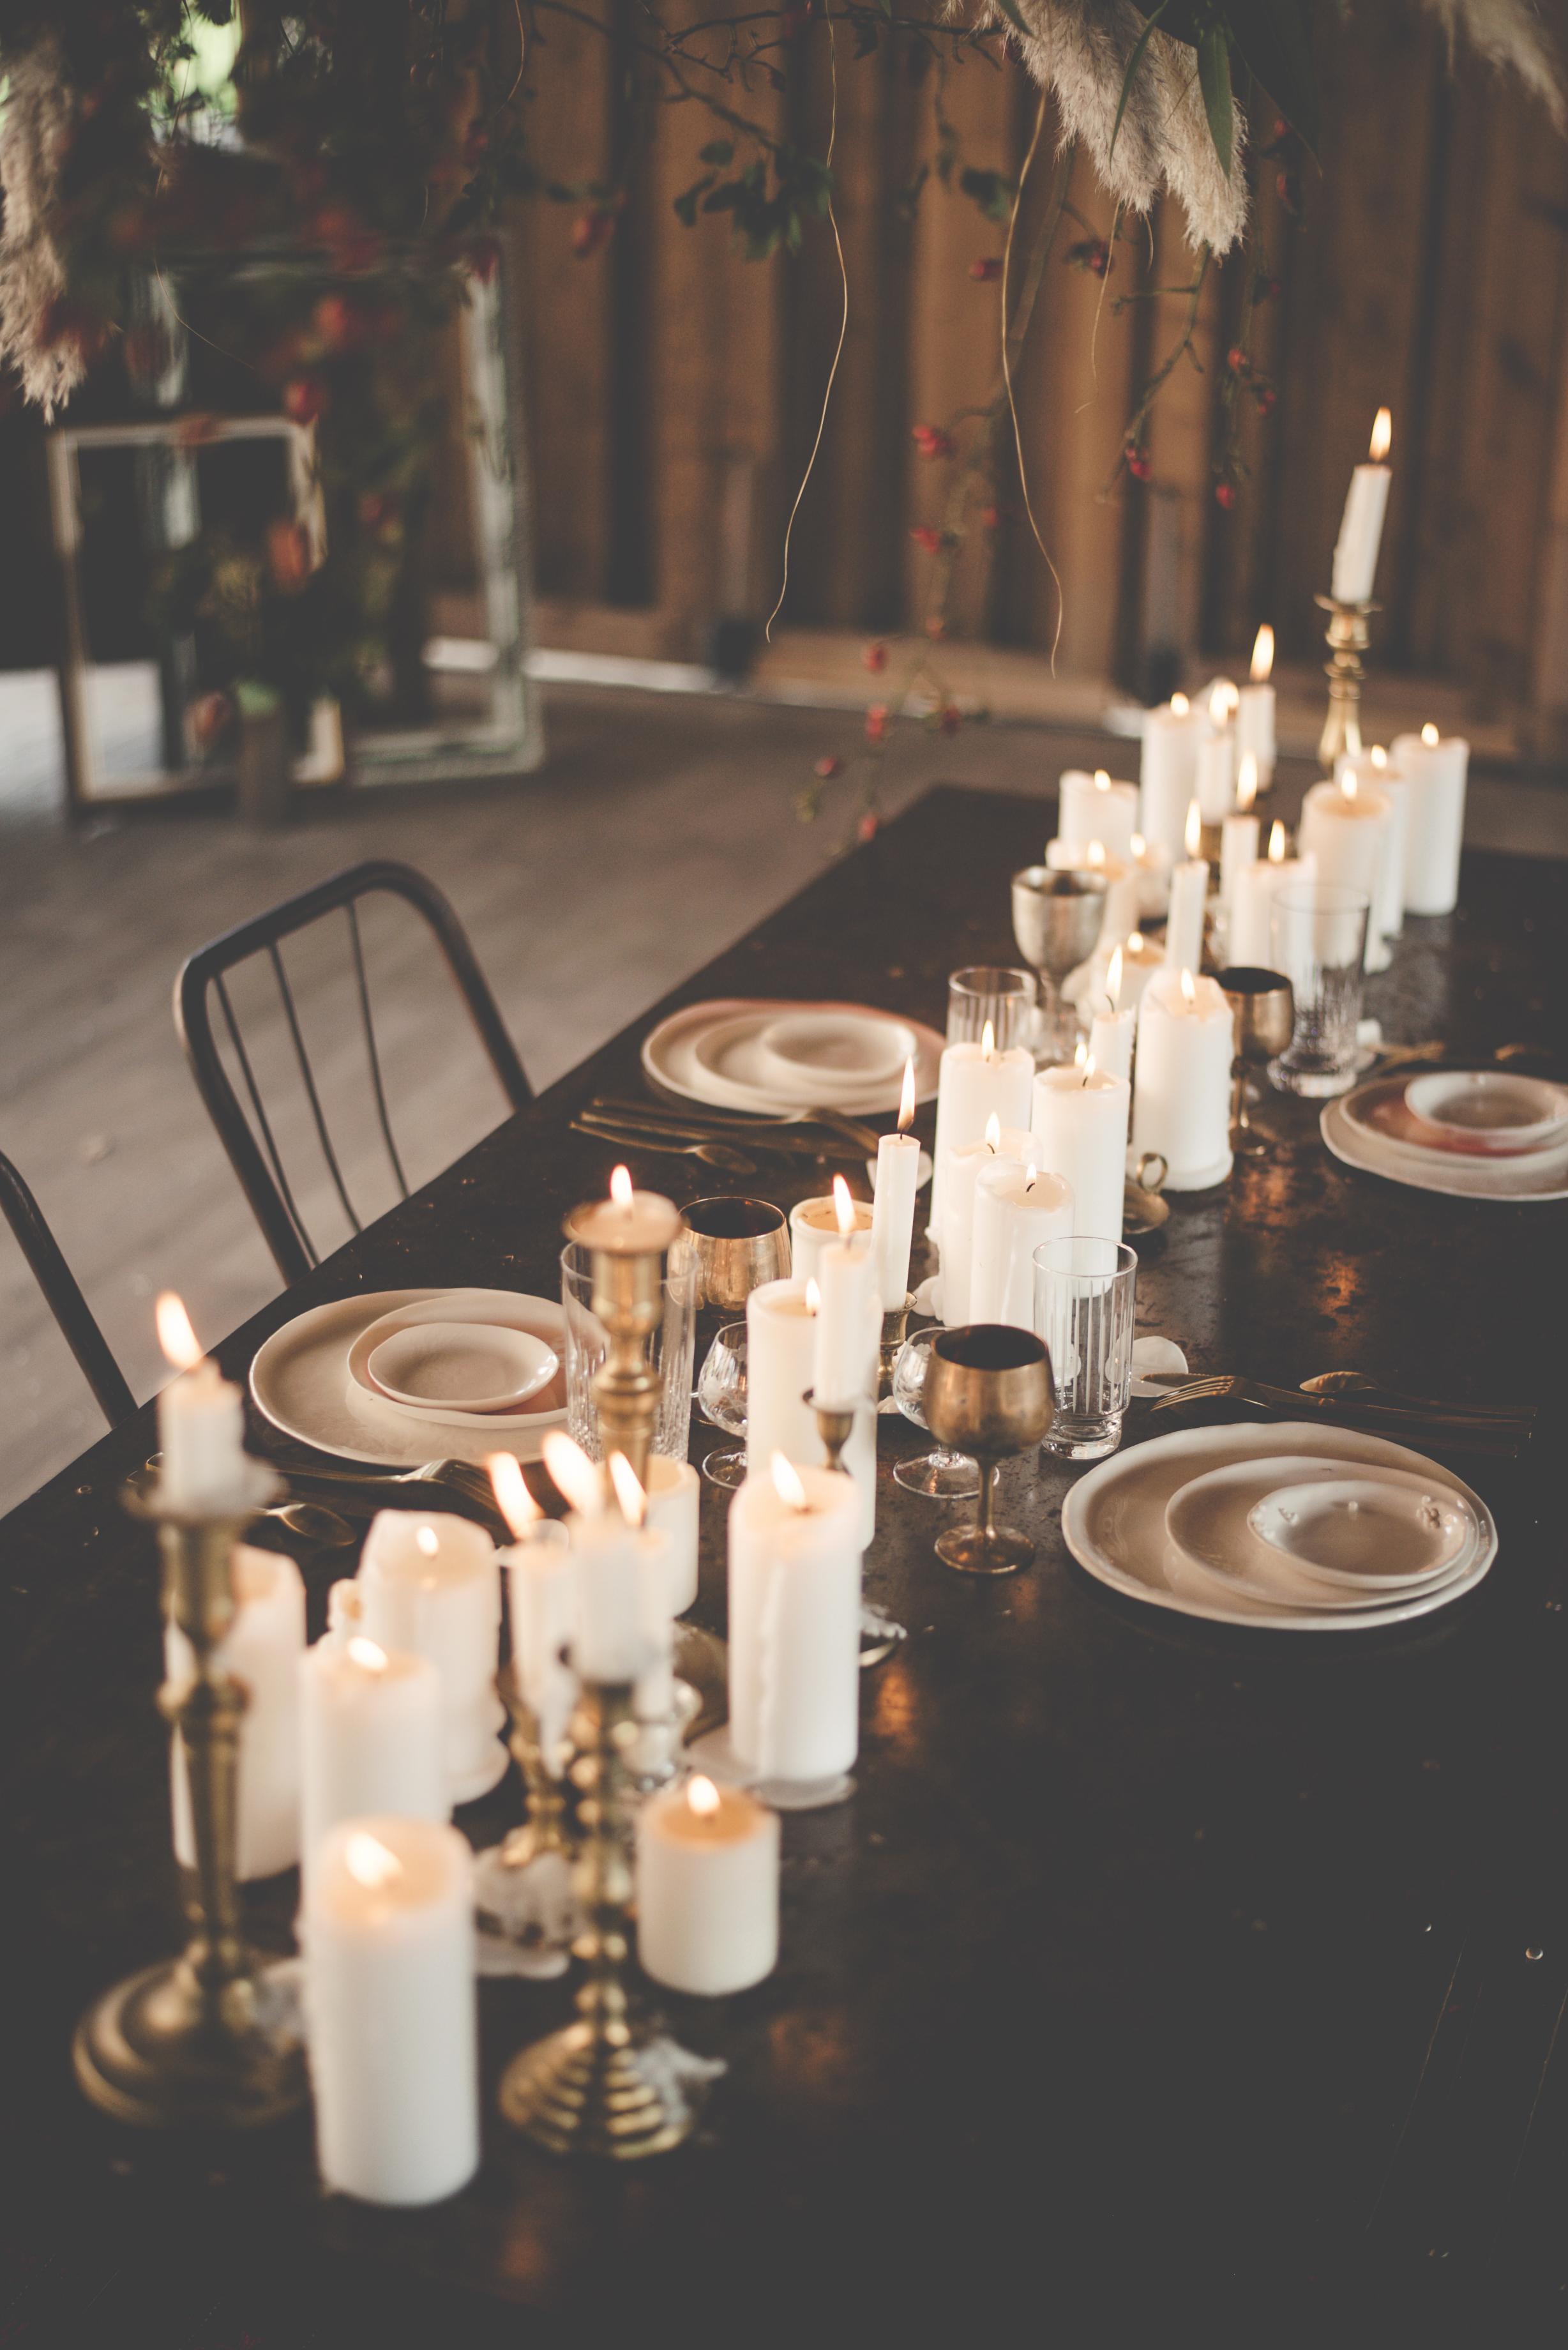 Metallic wedding styling